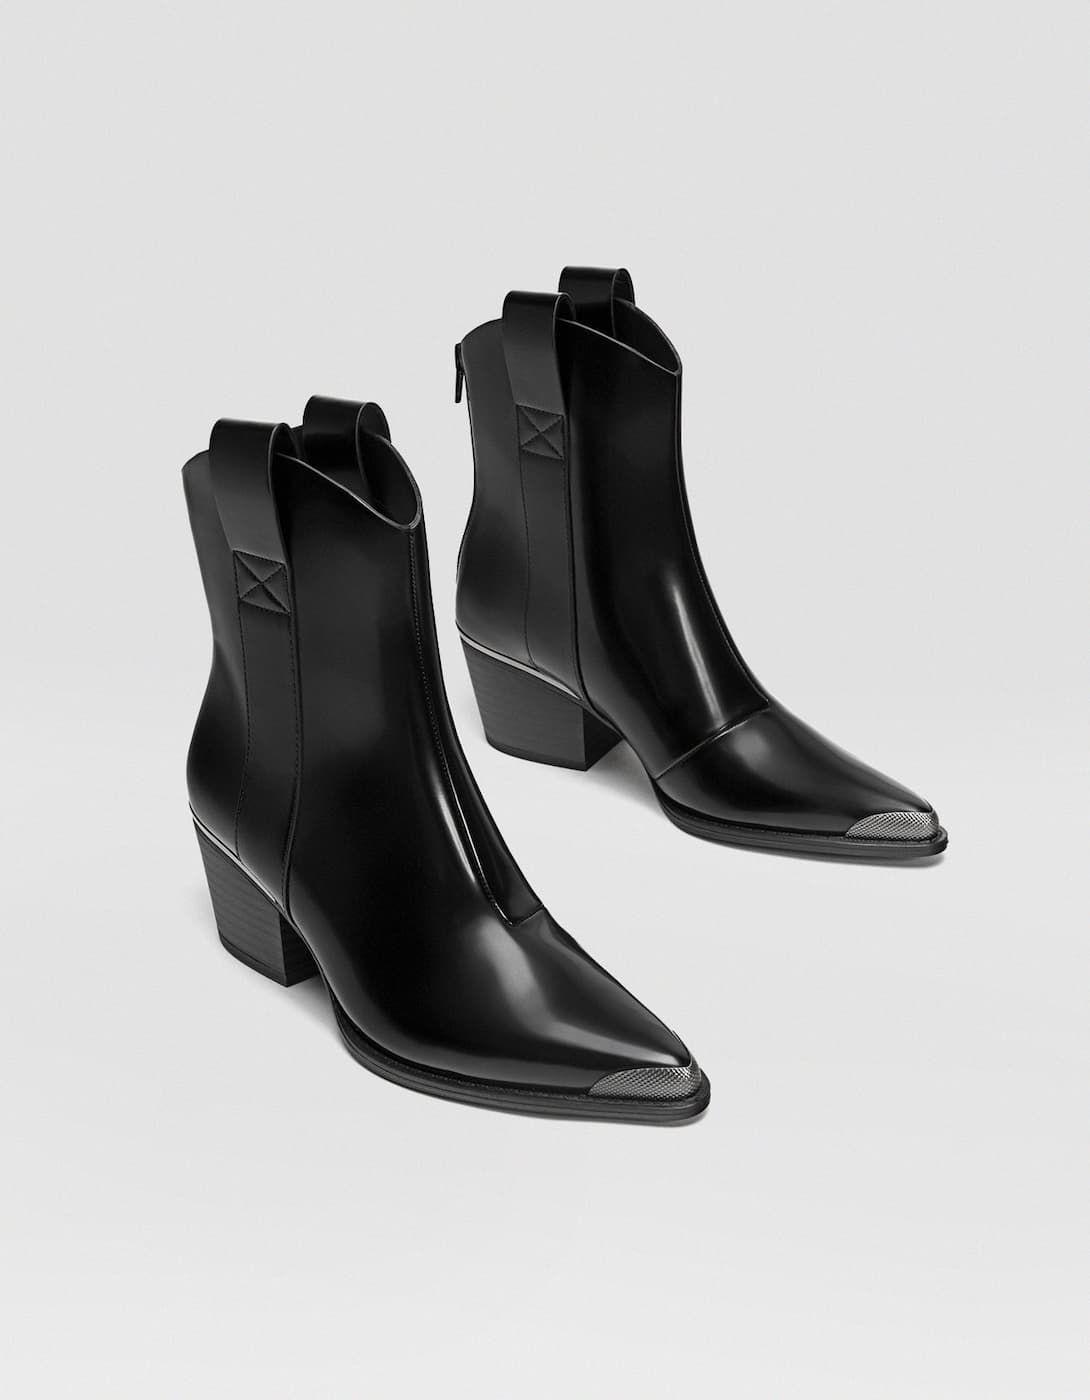 Czarne Kowbojki Wszystkie Stradivarius Polska Boots Boots Outfit Ankle Black Cowgirl Boots